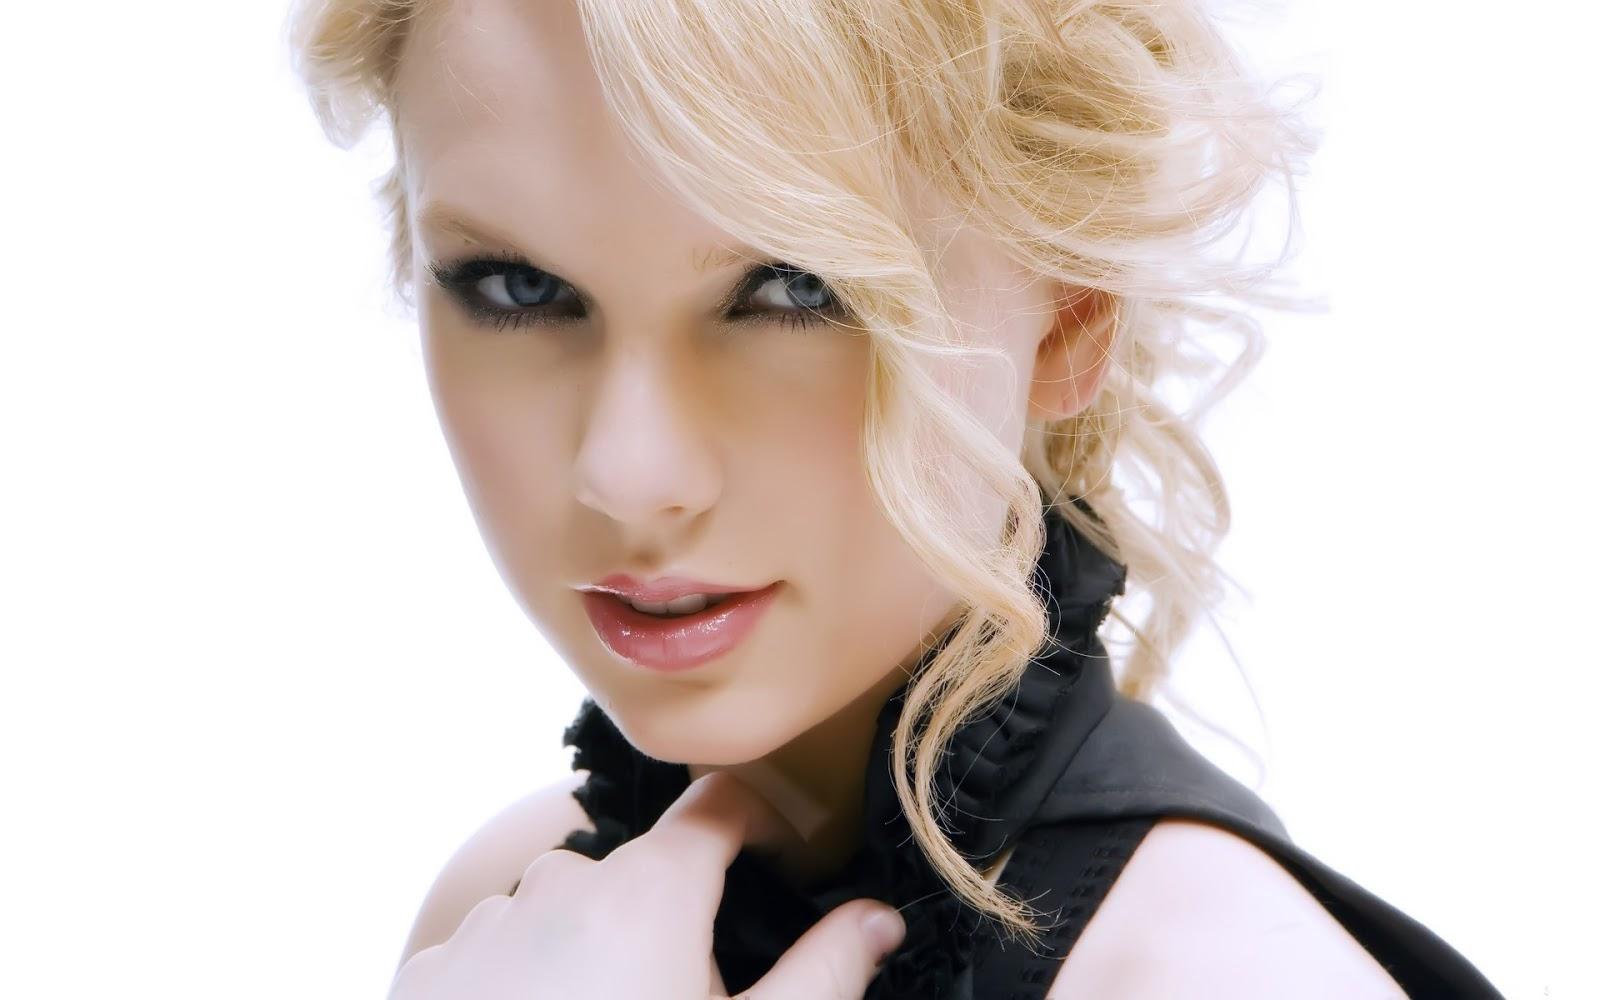 http://3.bp.blogspot.com/-1LQ5DCRg2Vs/TwBFd36yStI/AAAAAAAAFZ0/895ass1Z708/s1600/Taylor%20Swift%20Hot2.jpg